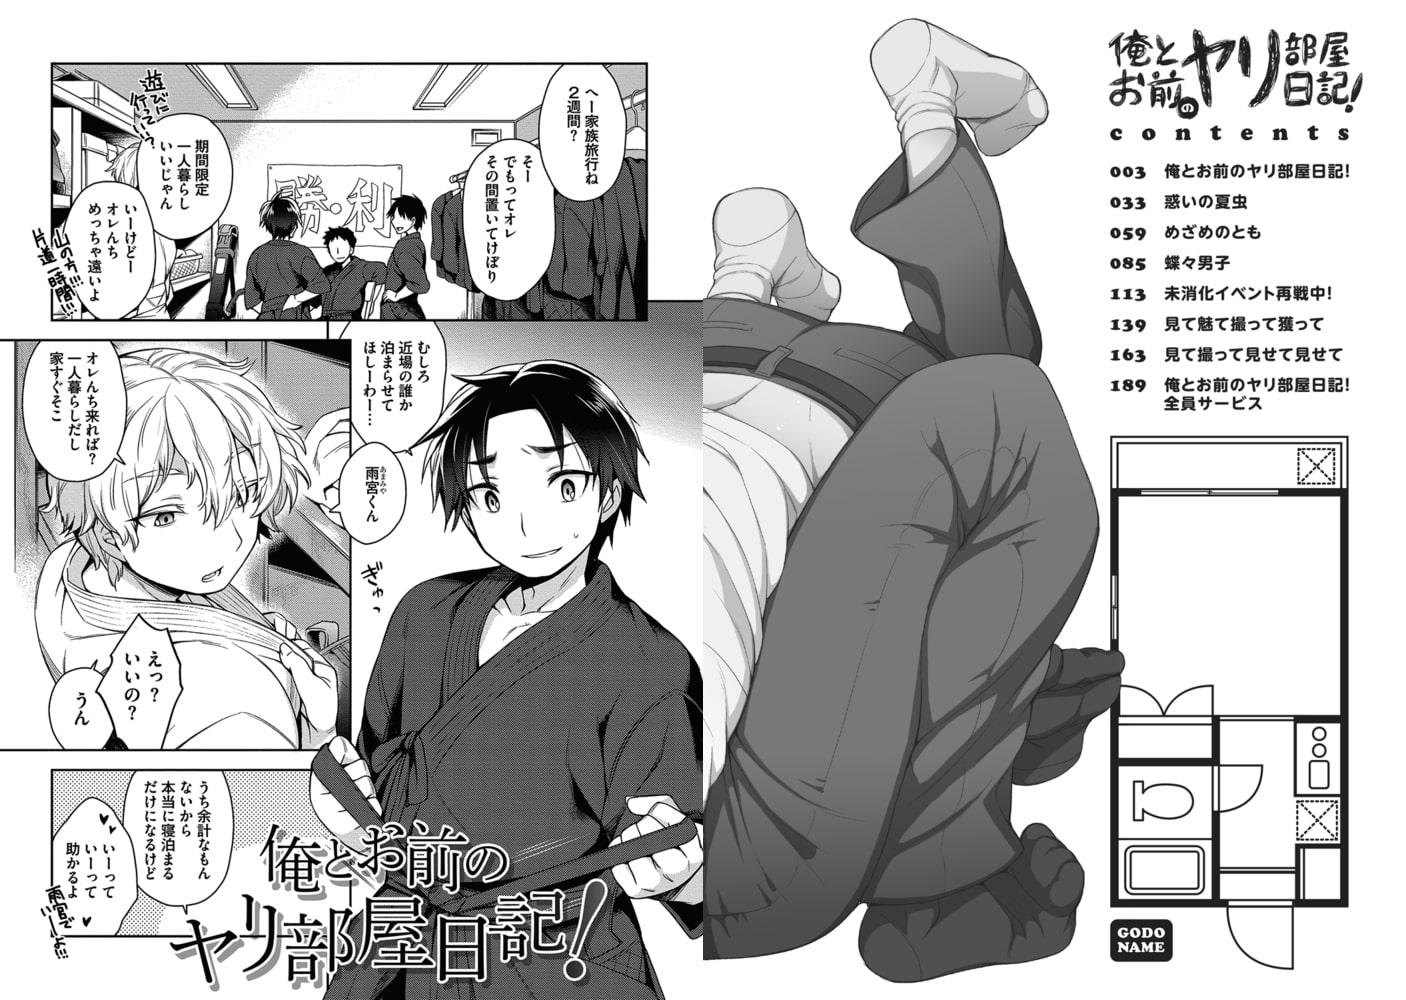 俺とお前のヤリ部屋日記!【R18版】